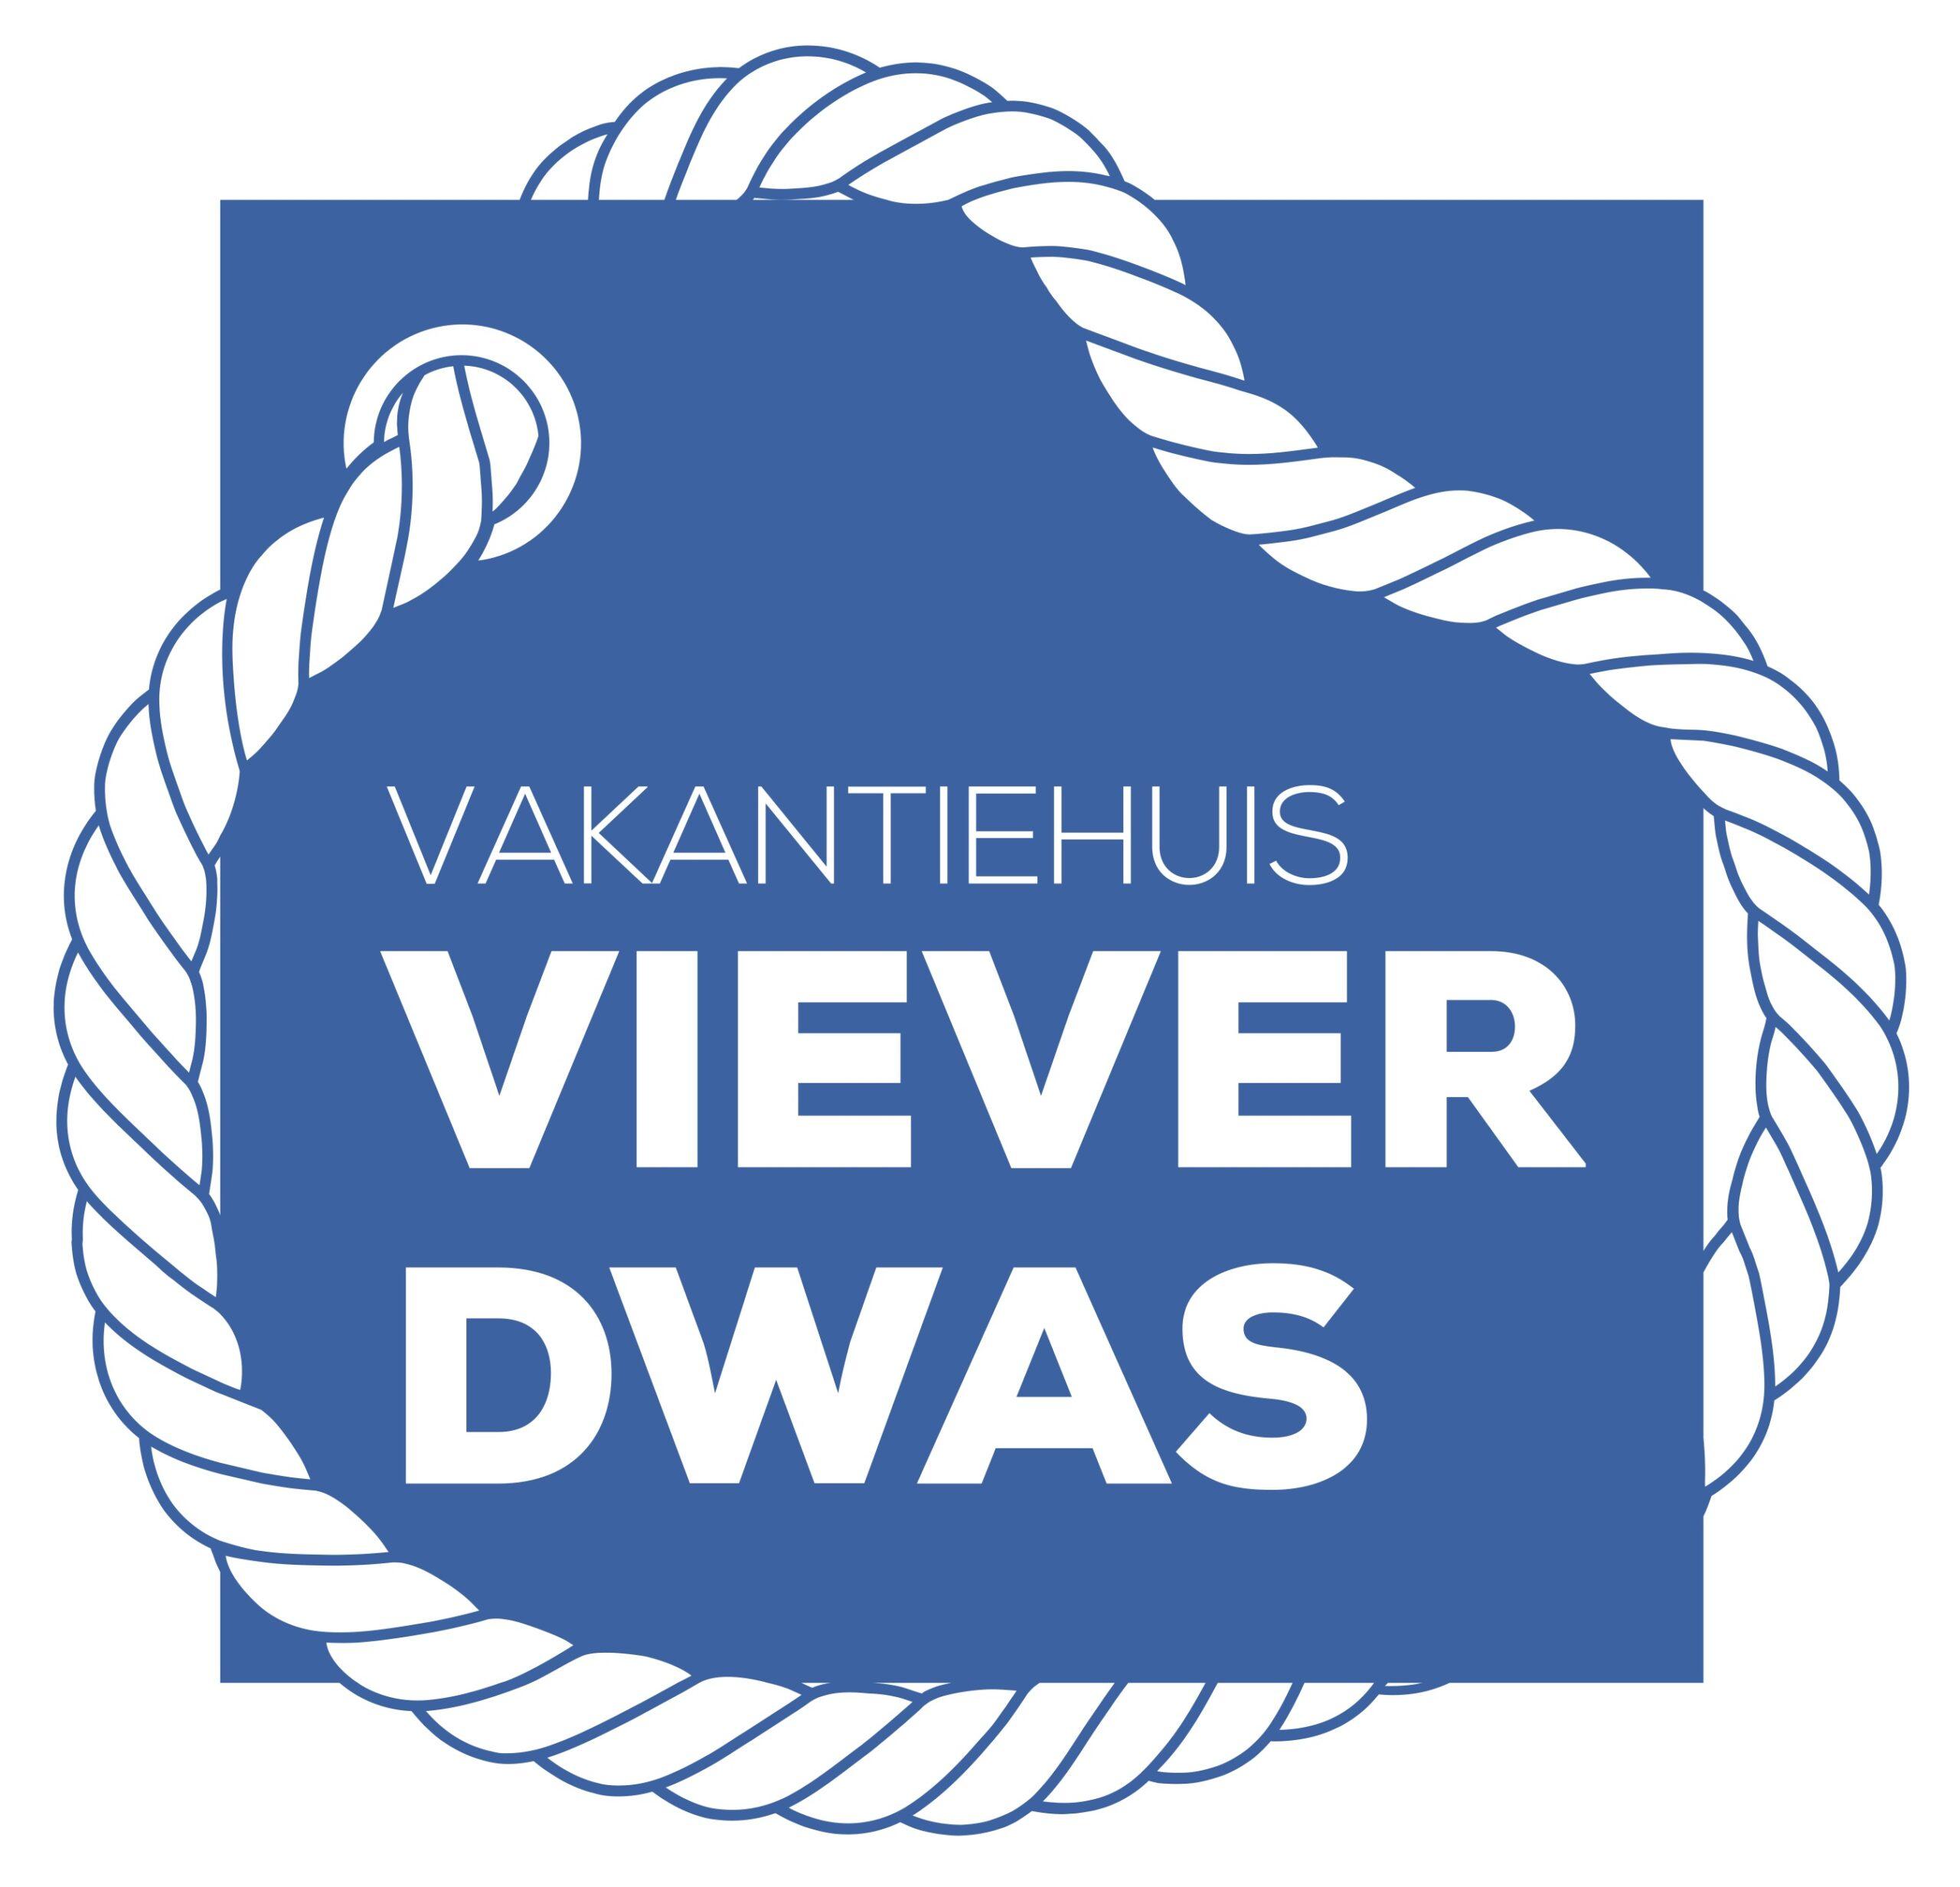 Vieverdwas_logo